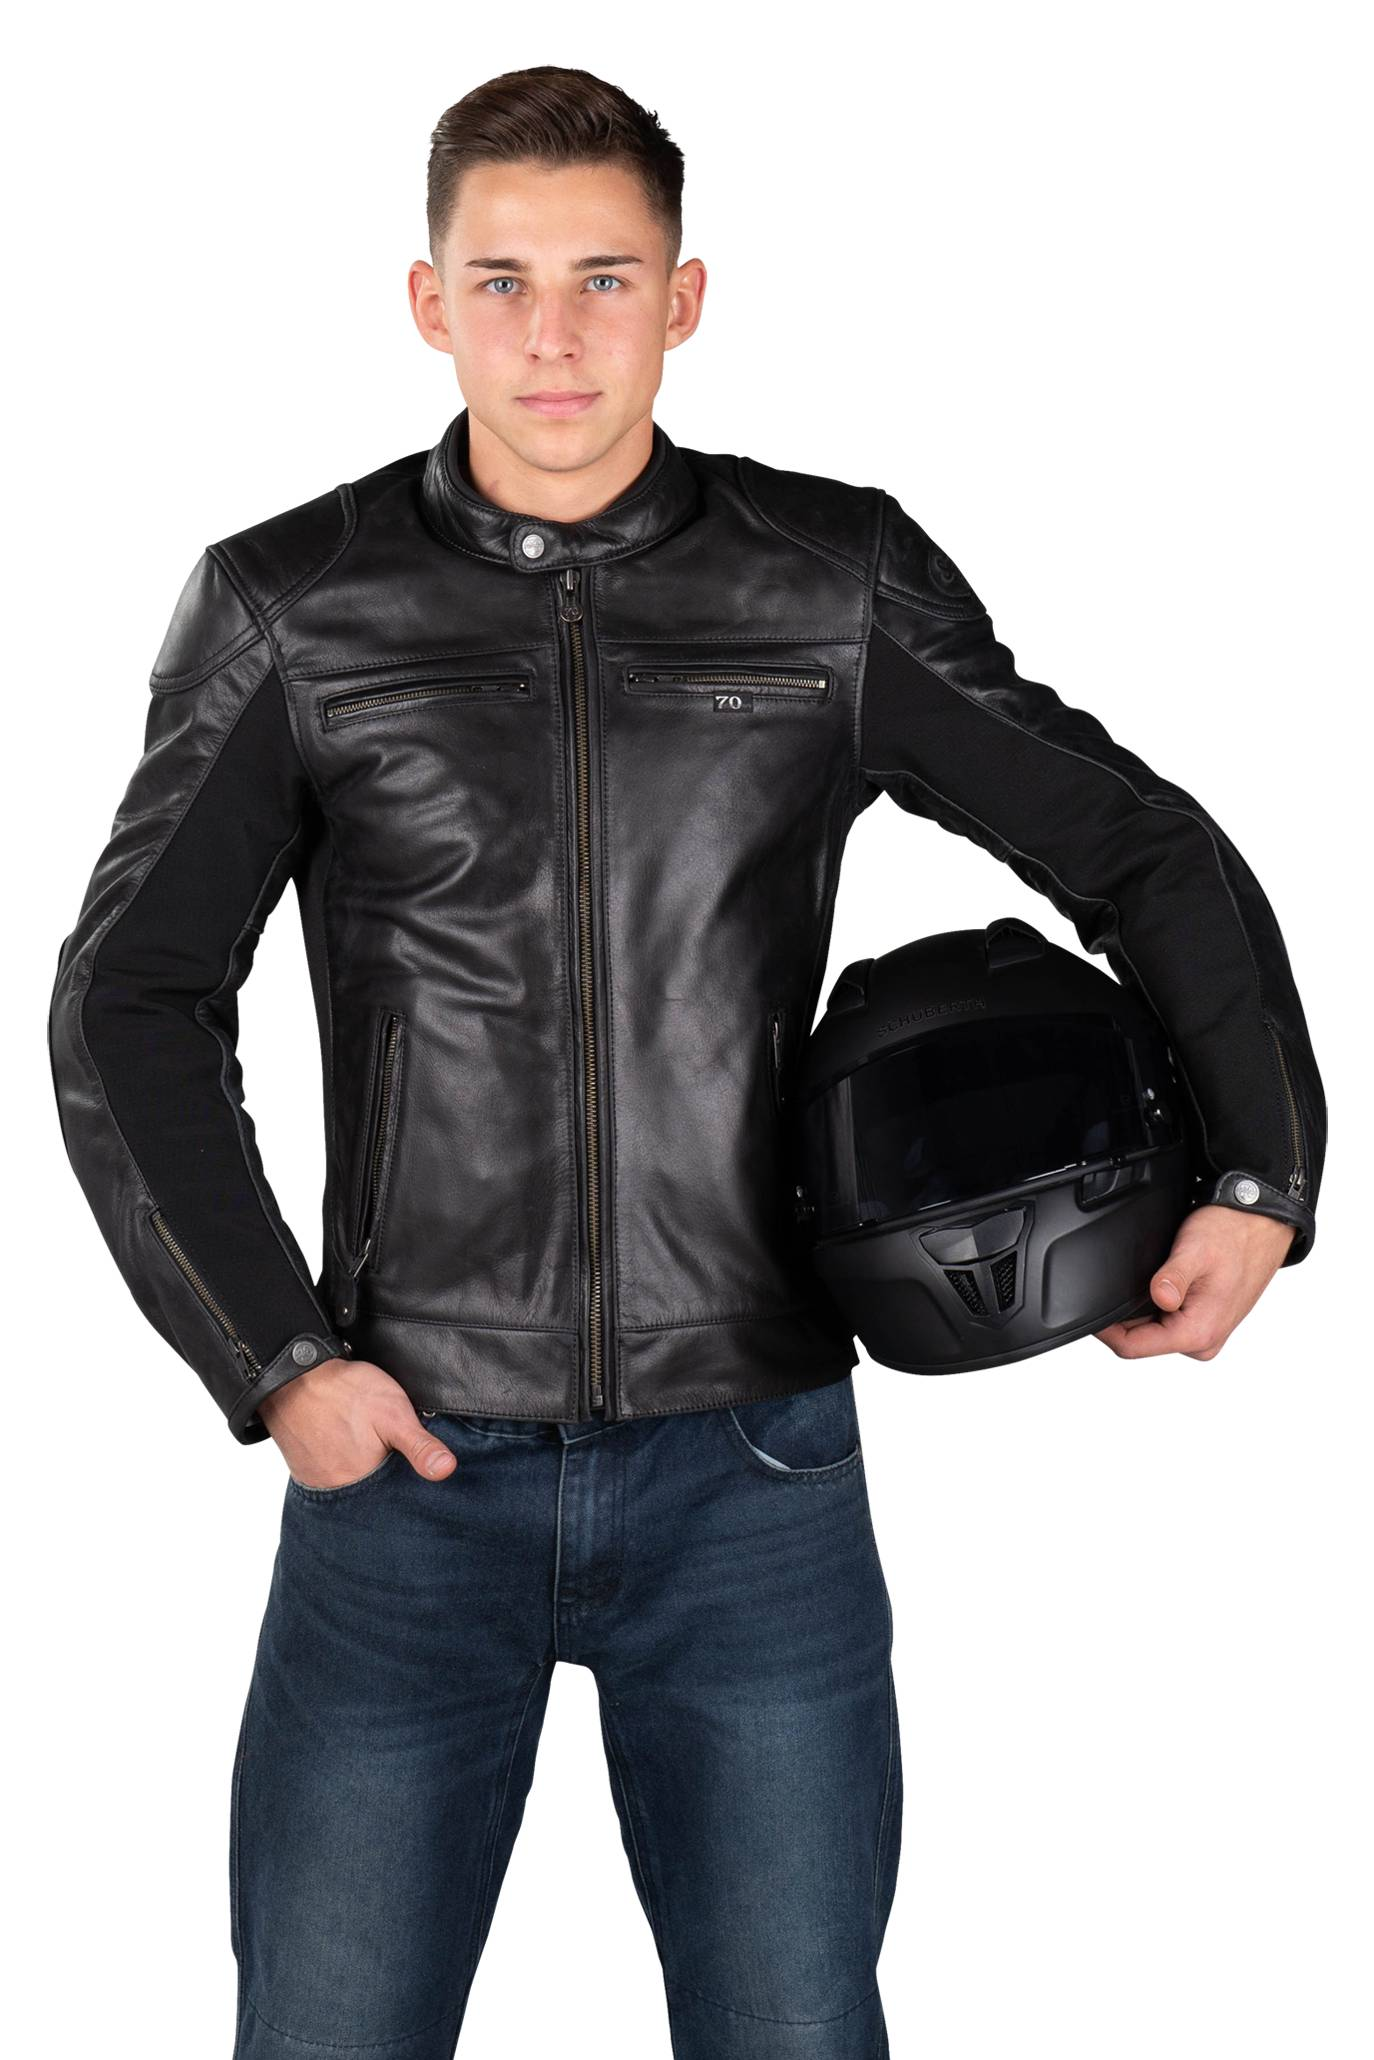 segura giacca moto  kroft nera